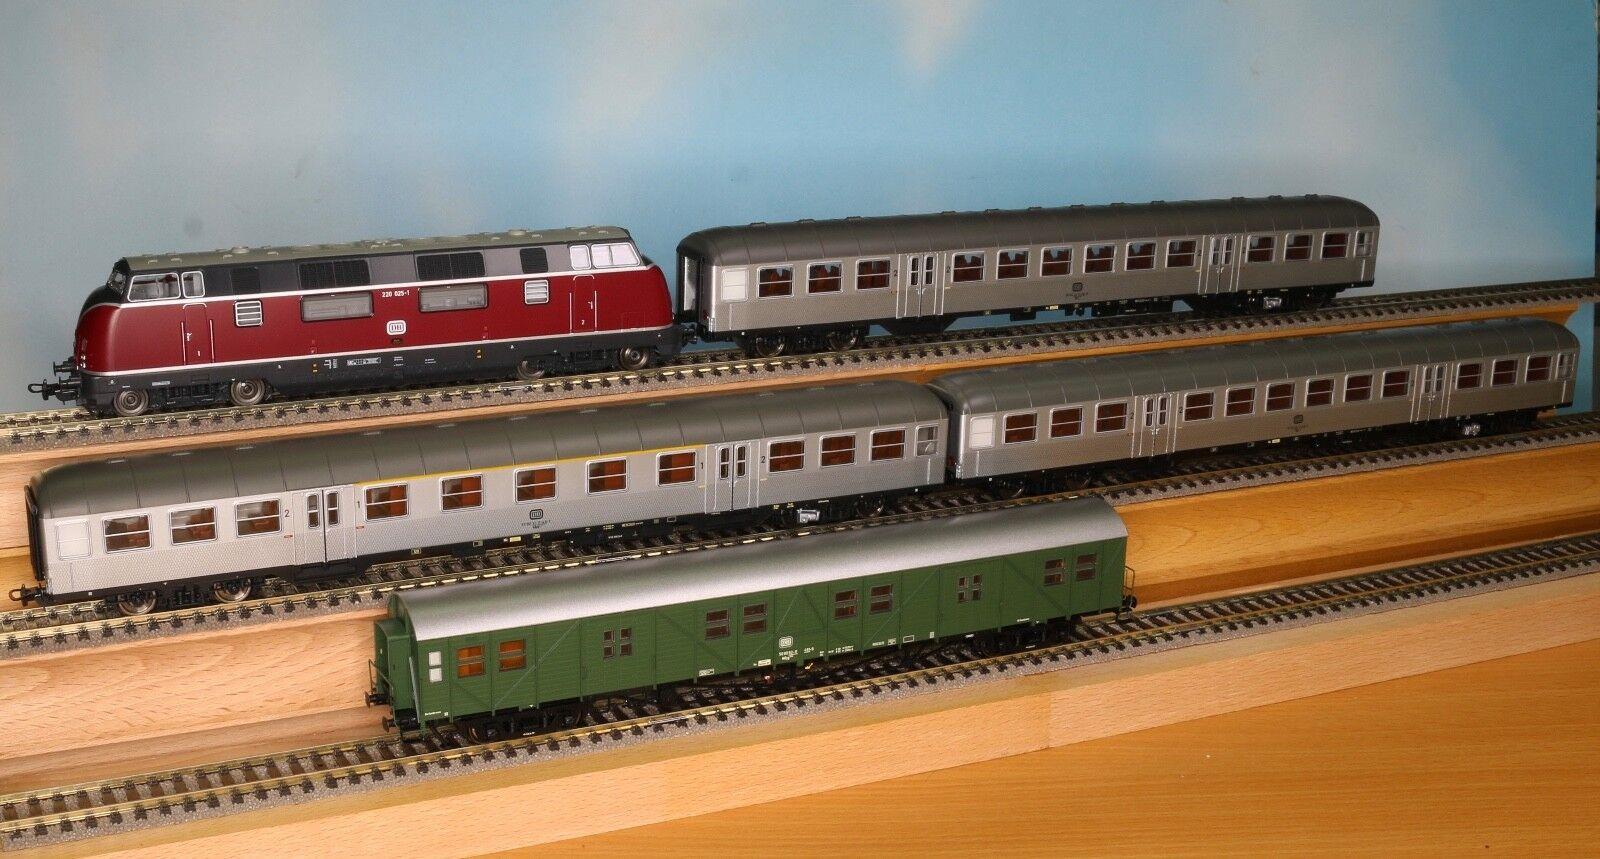 PIKO 59702, 57650, 57651, Brawa 46253, escala, tren H0 set de 5 piezas, EP 4, tren DC